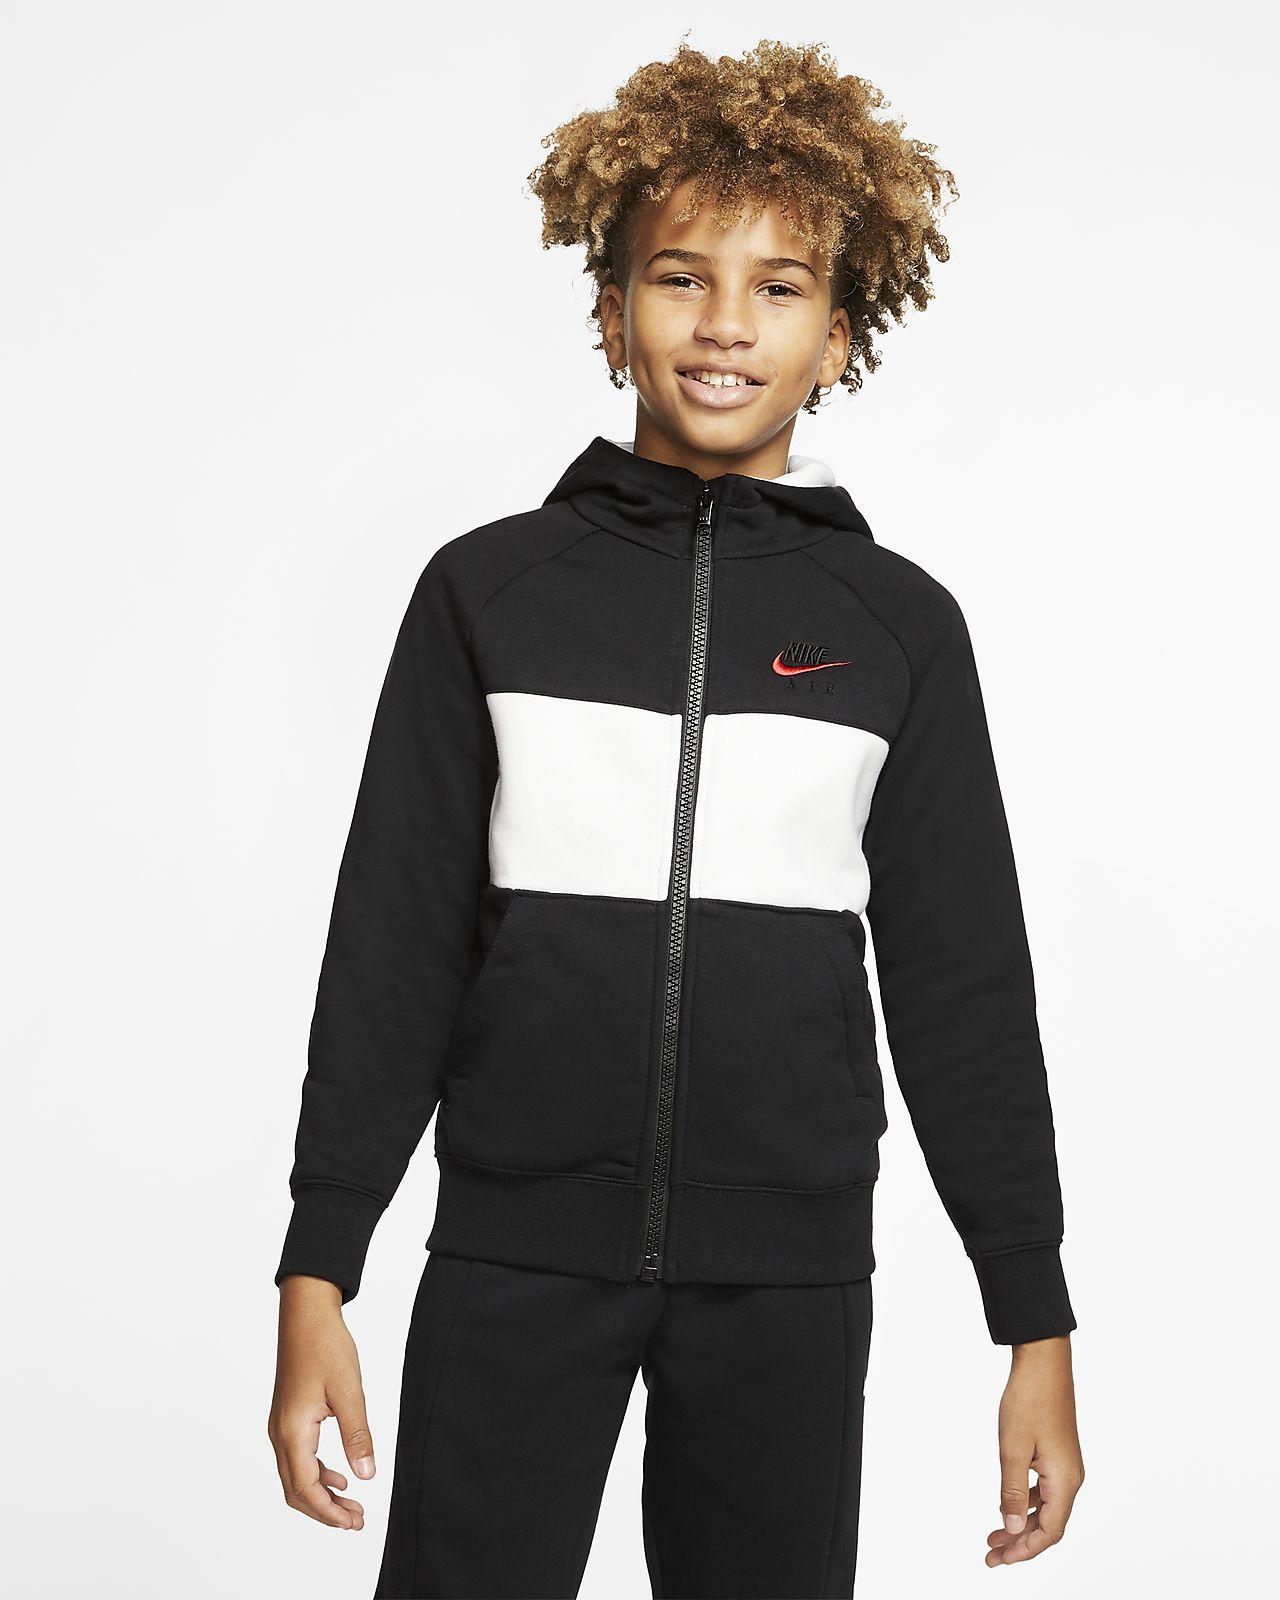 Худи с молнией во всю длину для мальчиков школьного возраста Nike Air